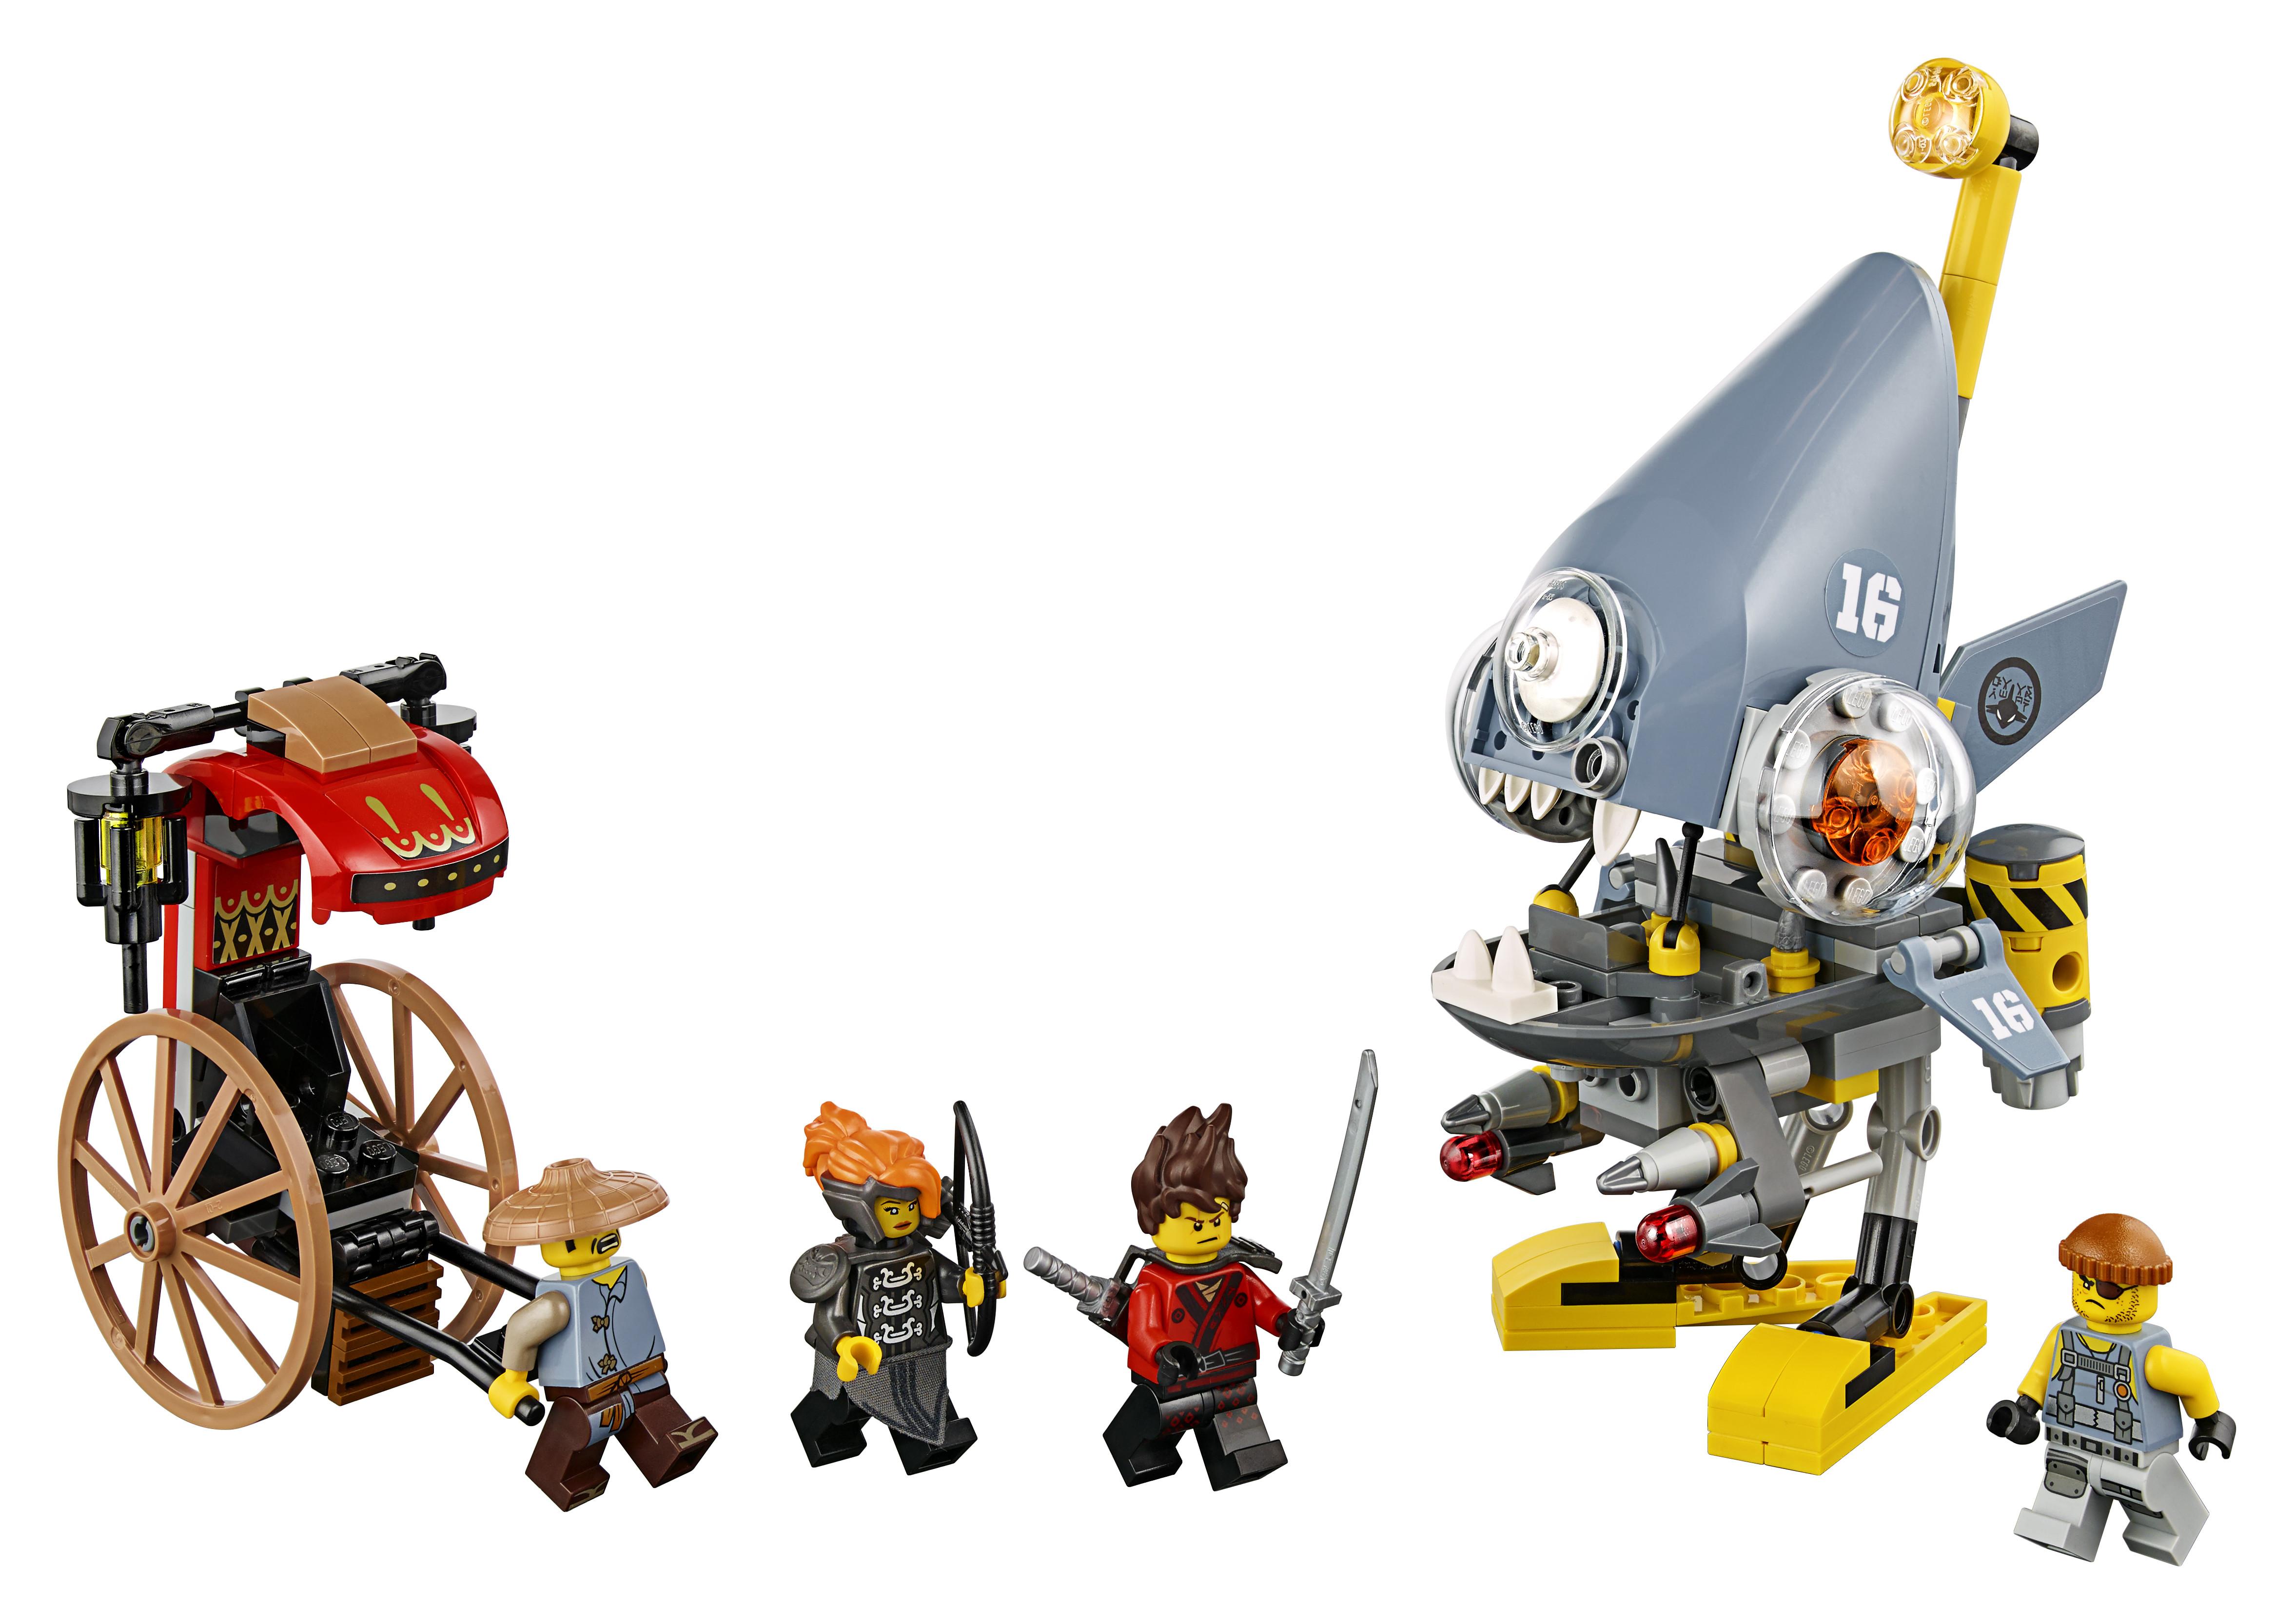 LEGO LEGO Конструктор LEGO Ninjago 70629 Нападение пираньи other 1 24 6 70g 4a sku 01 511066141